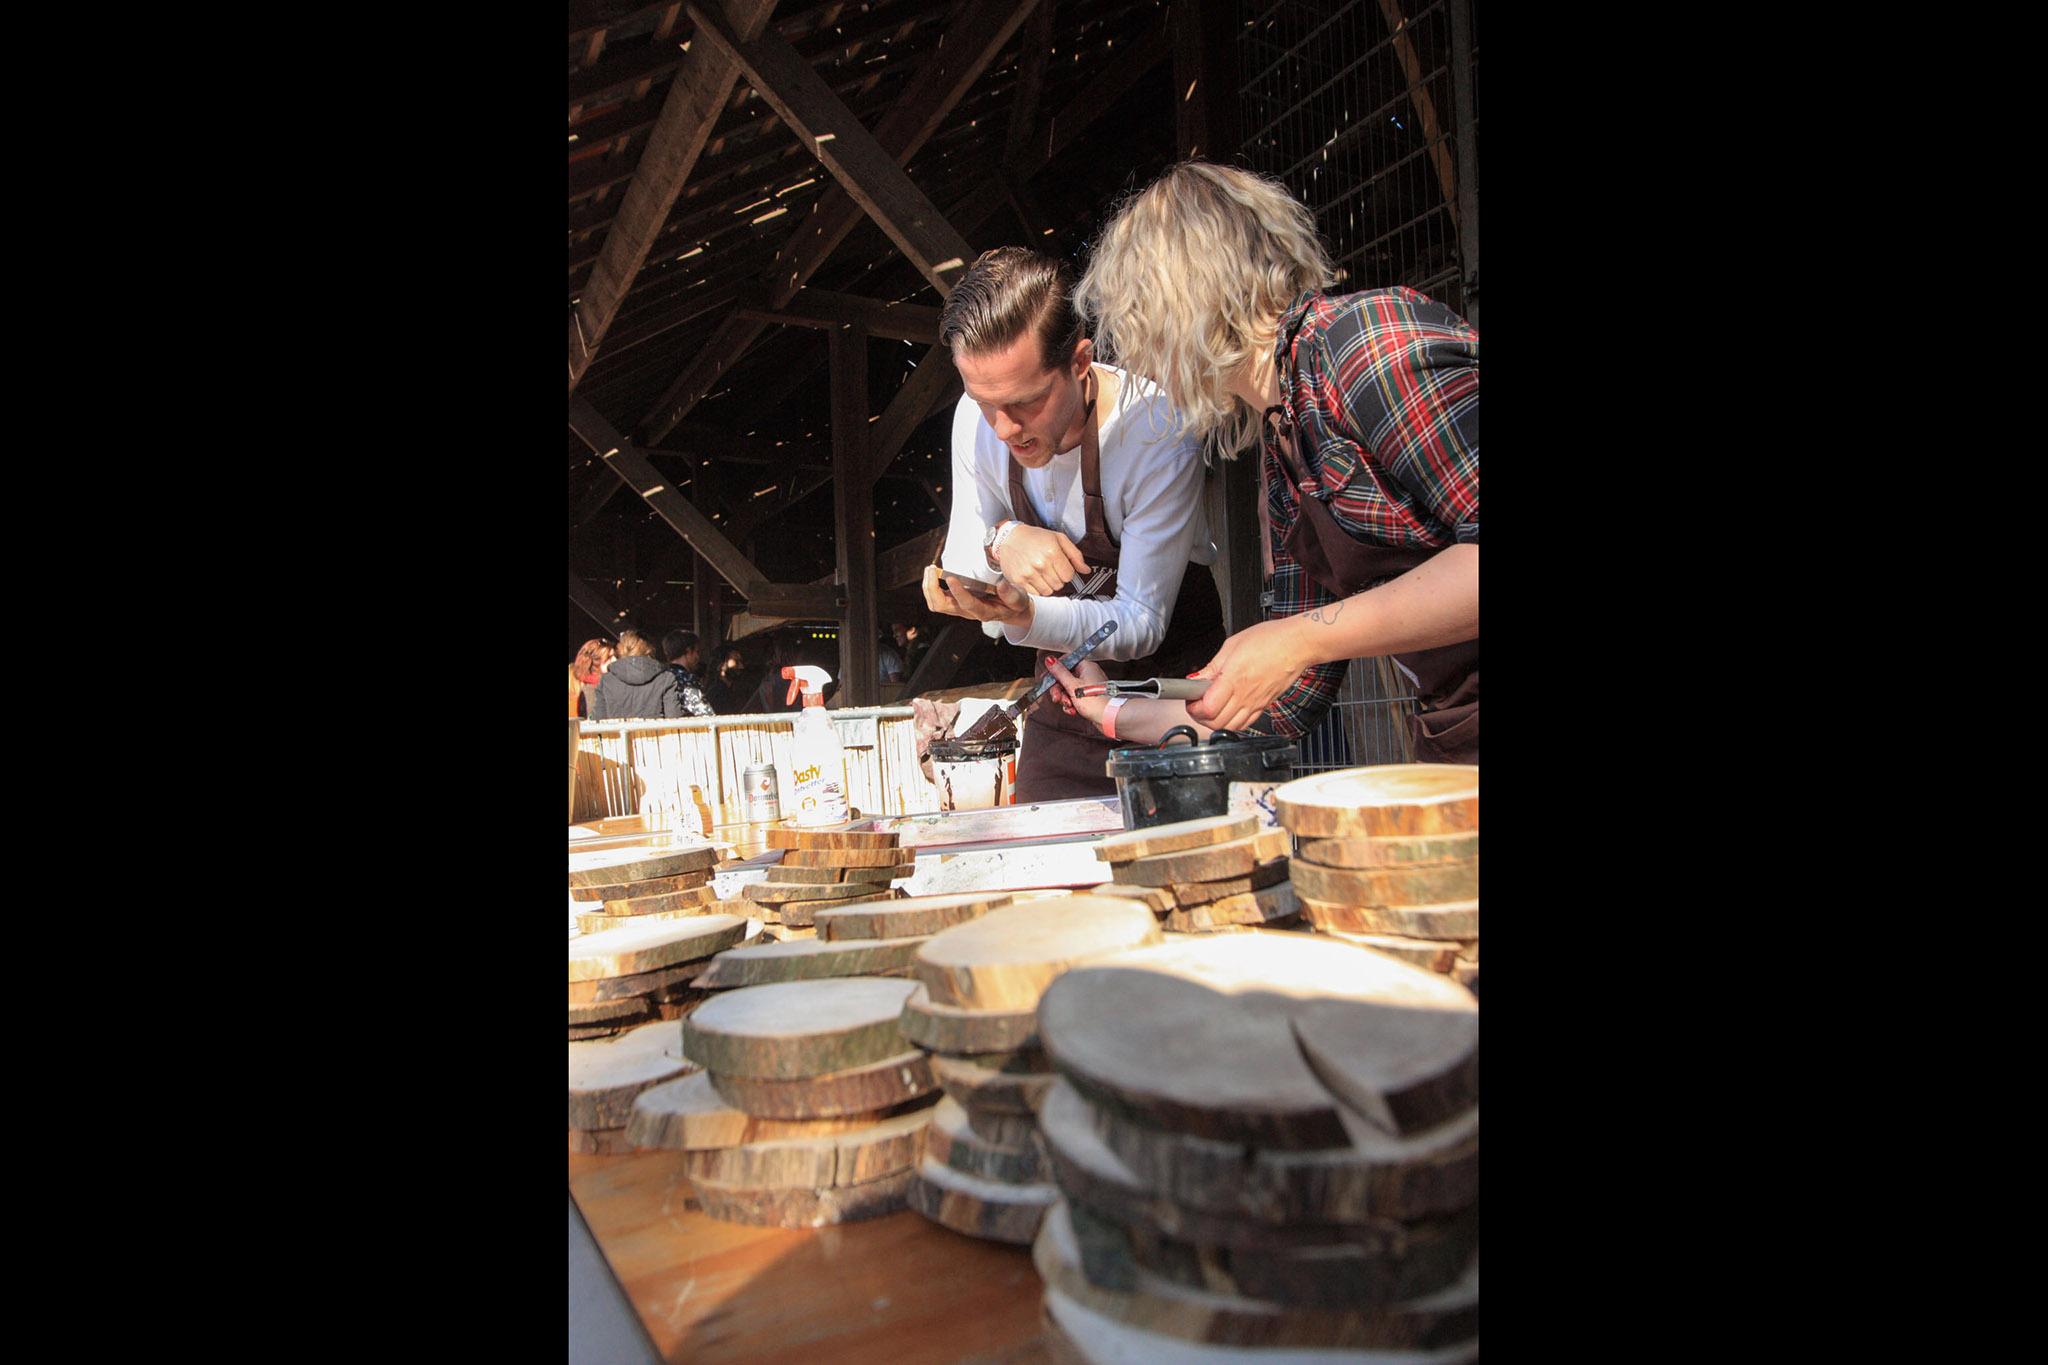 VPRO 3voor12/Utrecht zeefdrukken op het Woodlum festival portfolio Wijgert-Jan van As